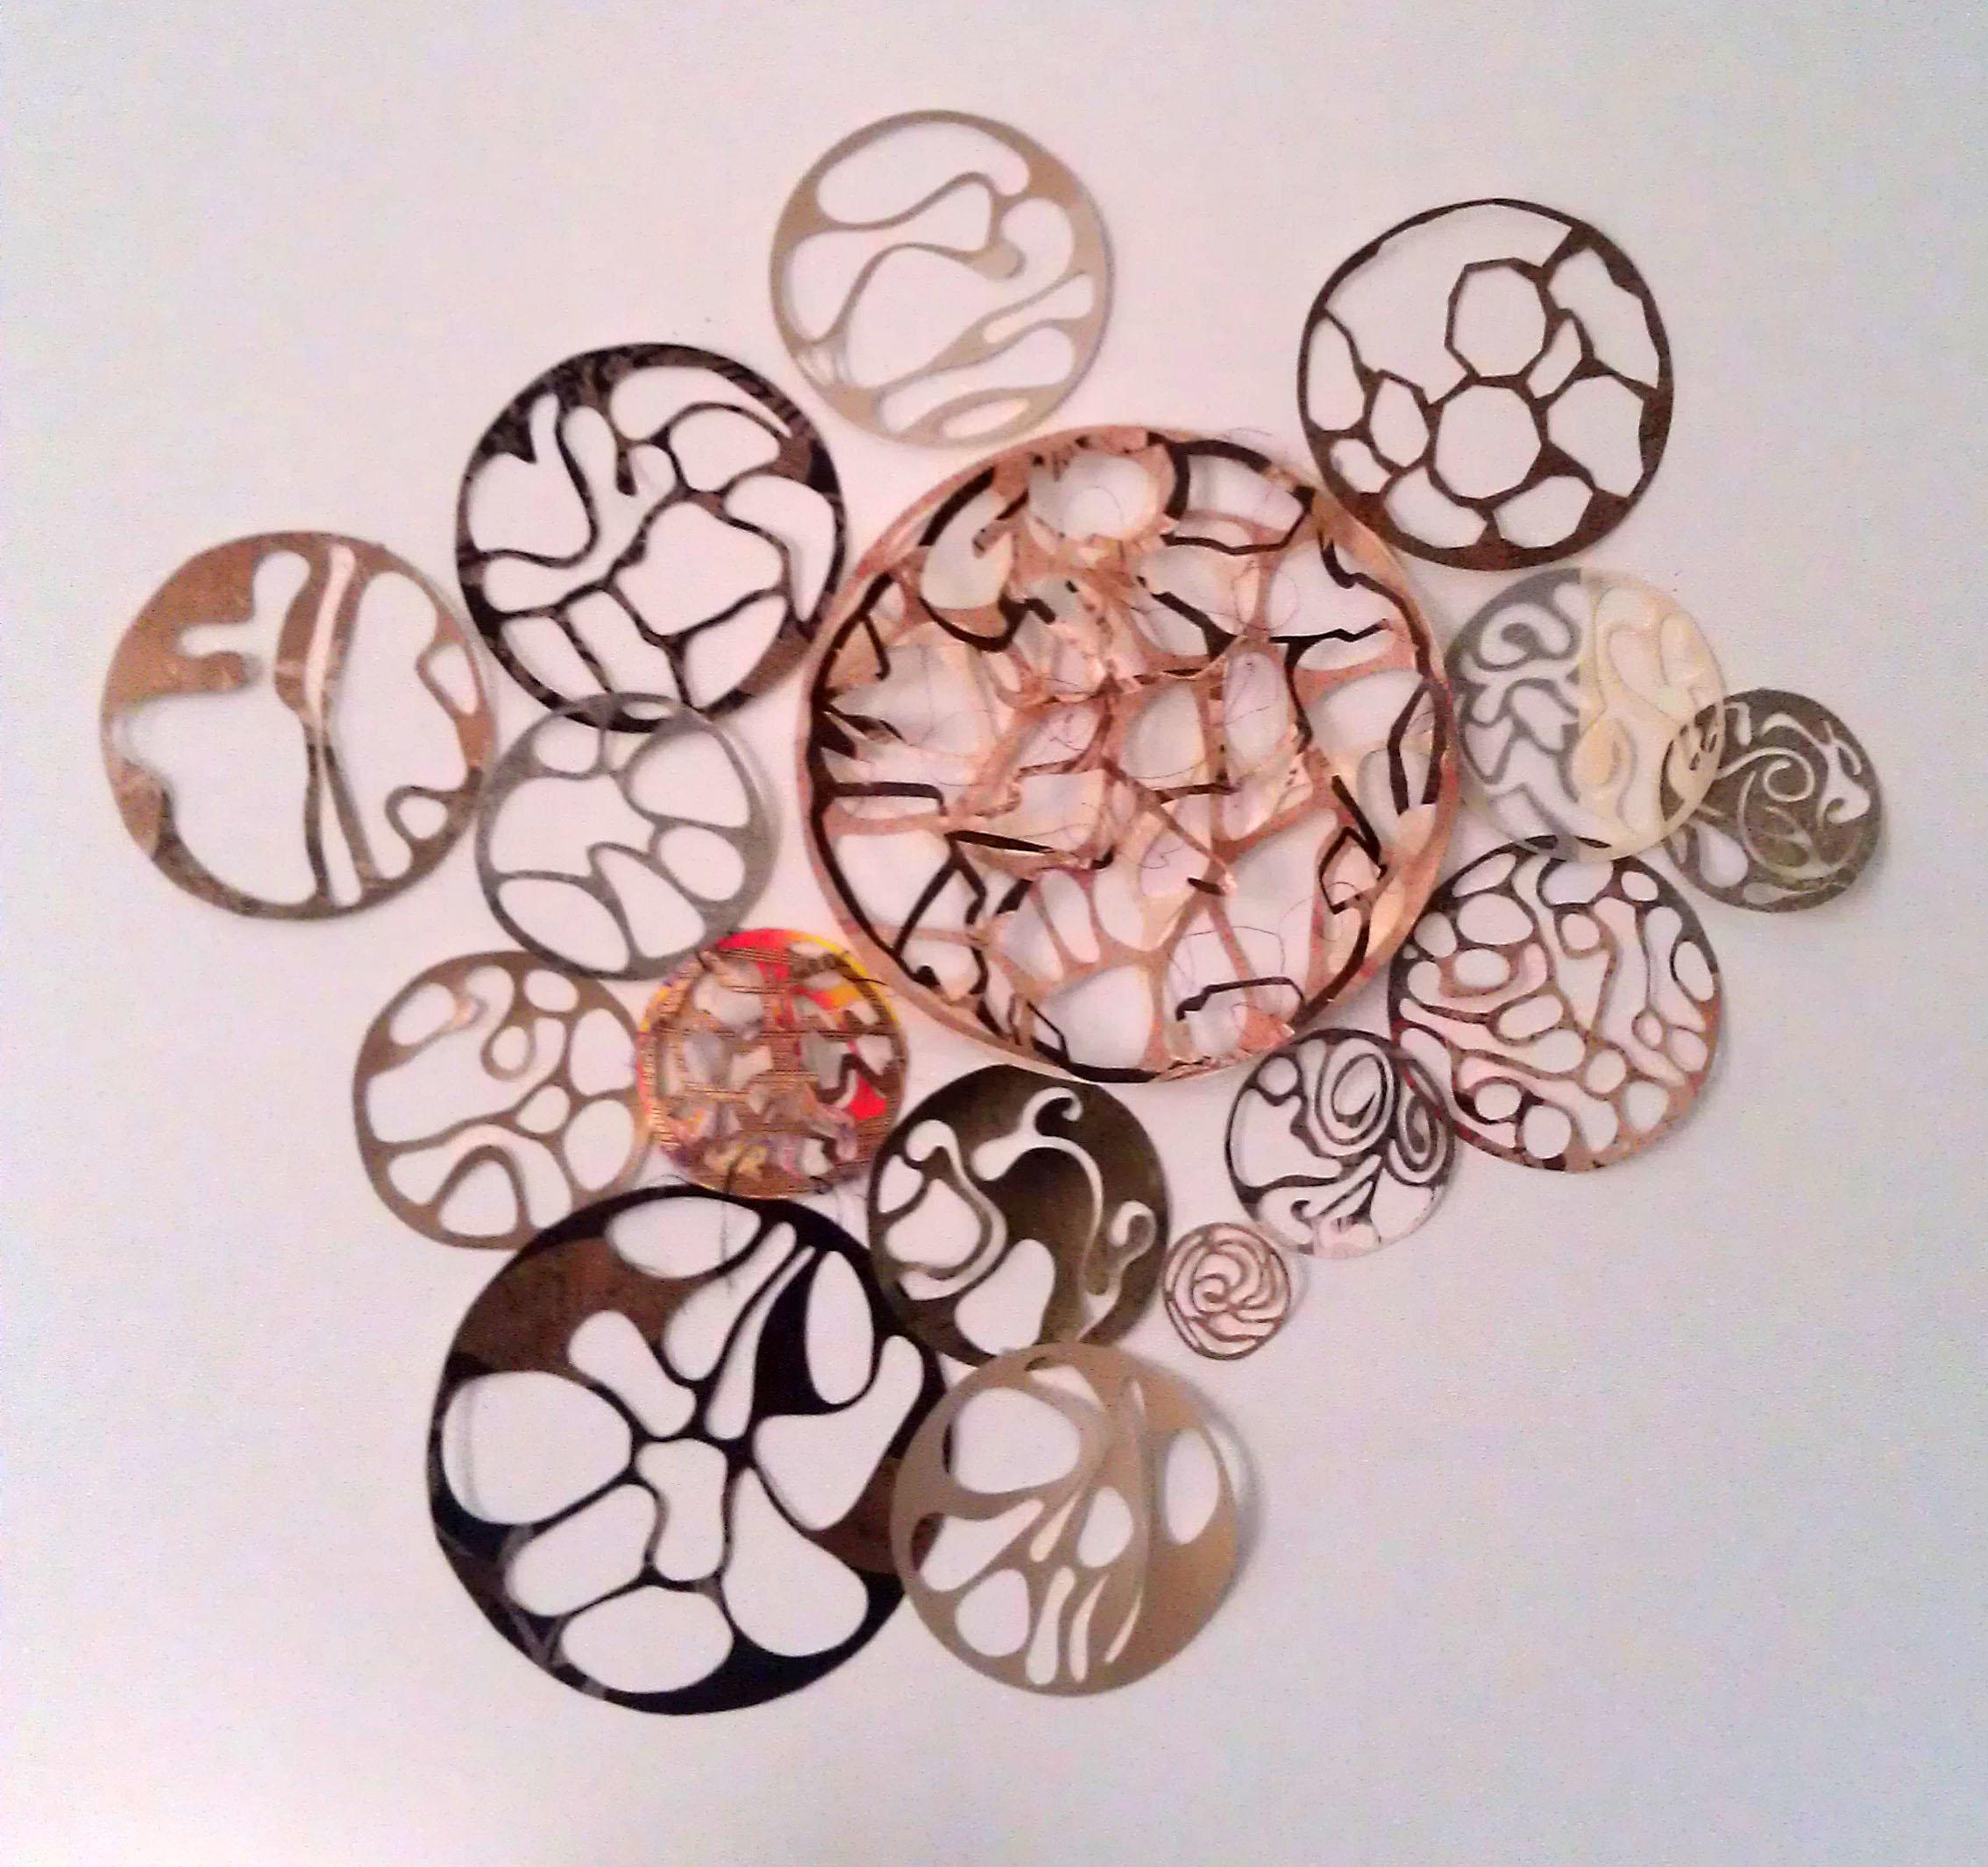 Making cutout circle shapes is meditative and rewarding for Circle wall art